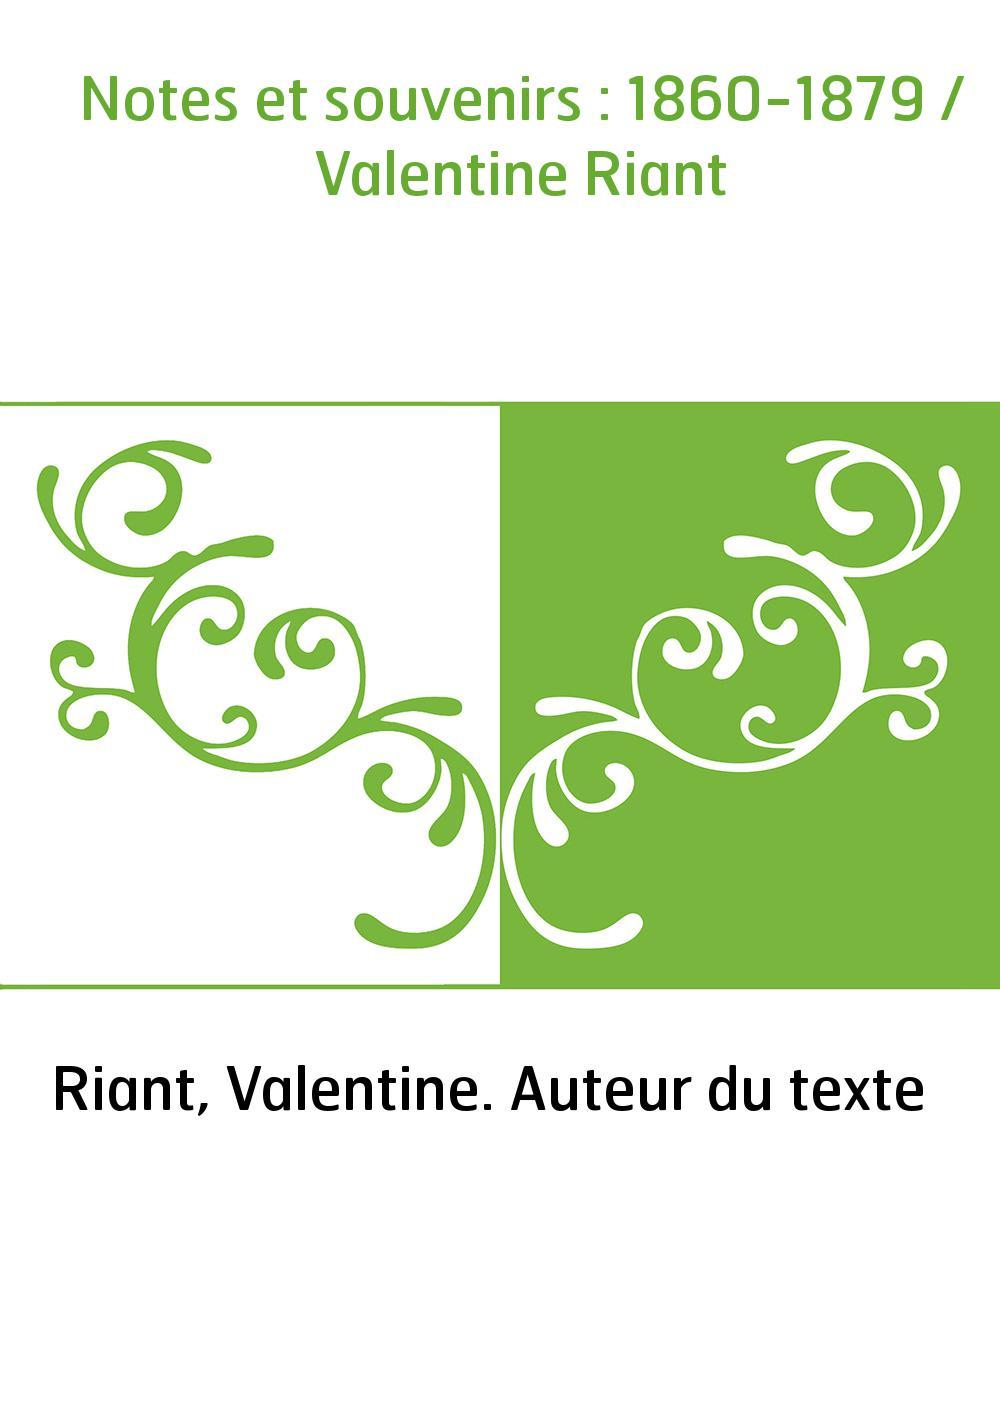 Notes et souvenirs : 1860-1879 / Valentine Riant